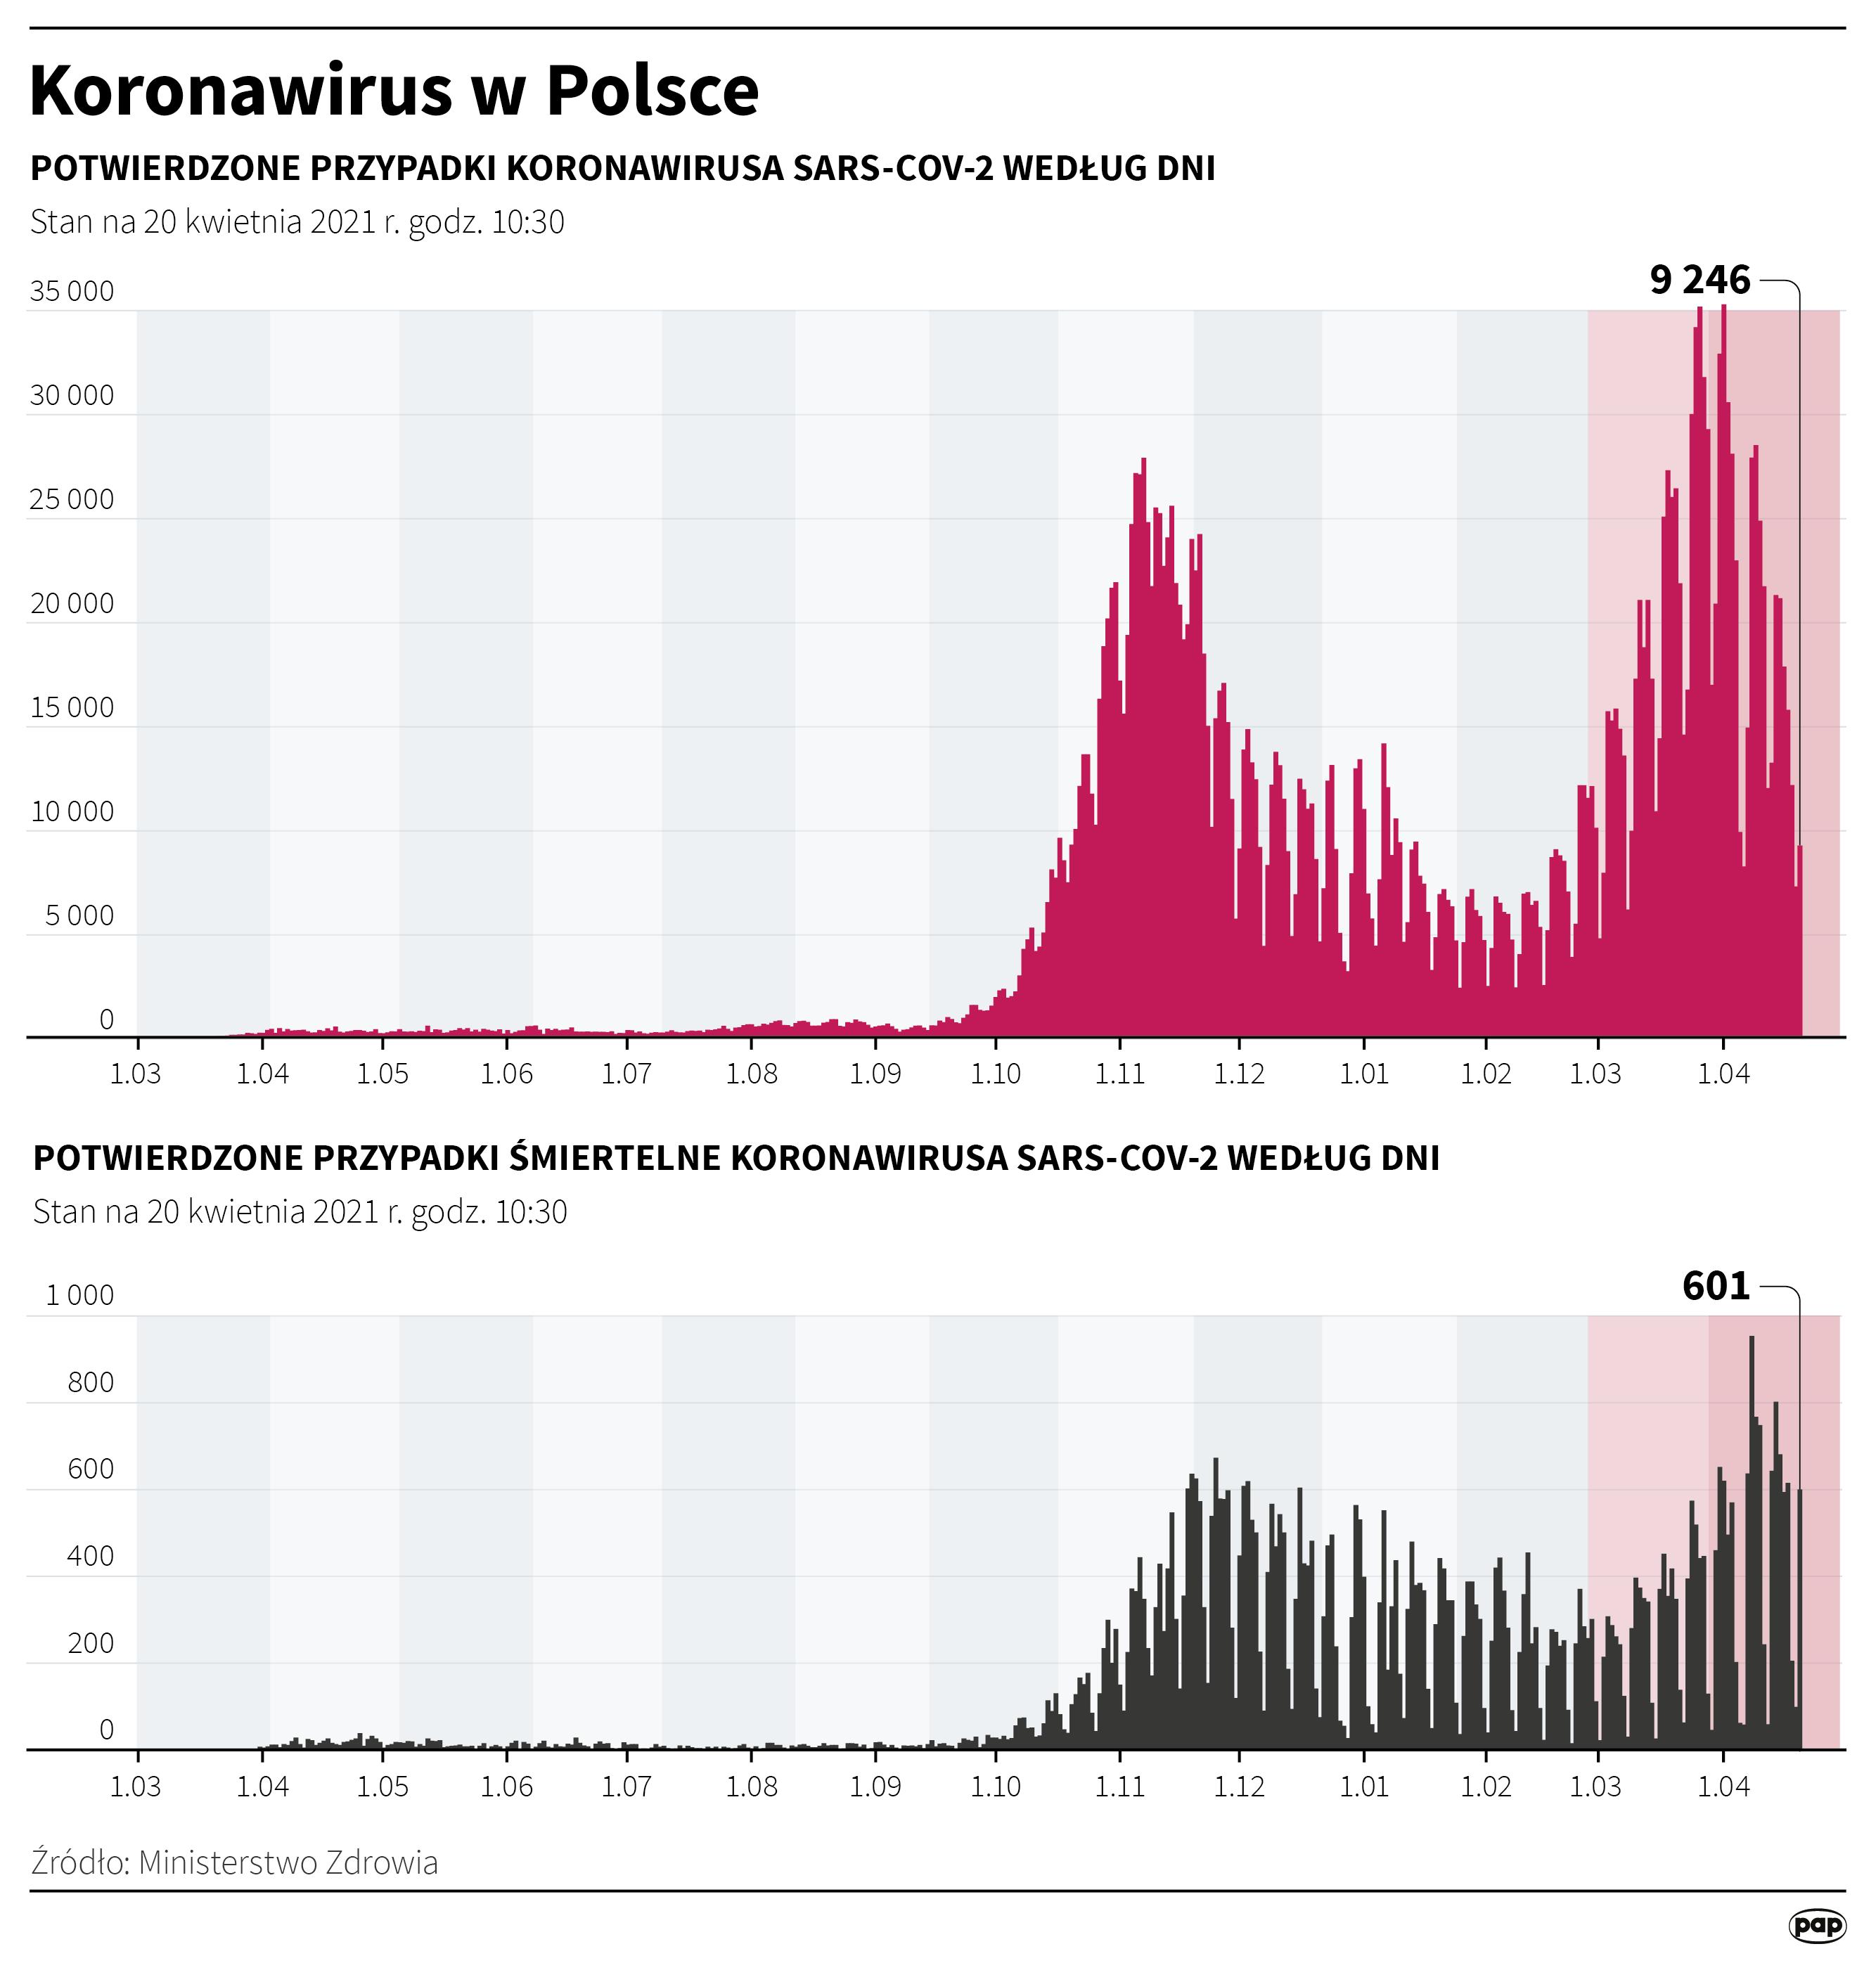 Koronawirus w Polsce - stan na 20 kwietnia [Autor: Maciej Zieliński, źródło: PAP]